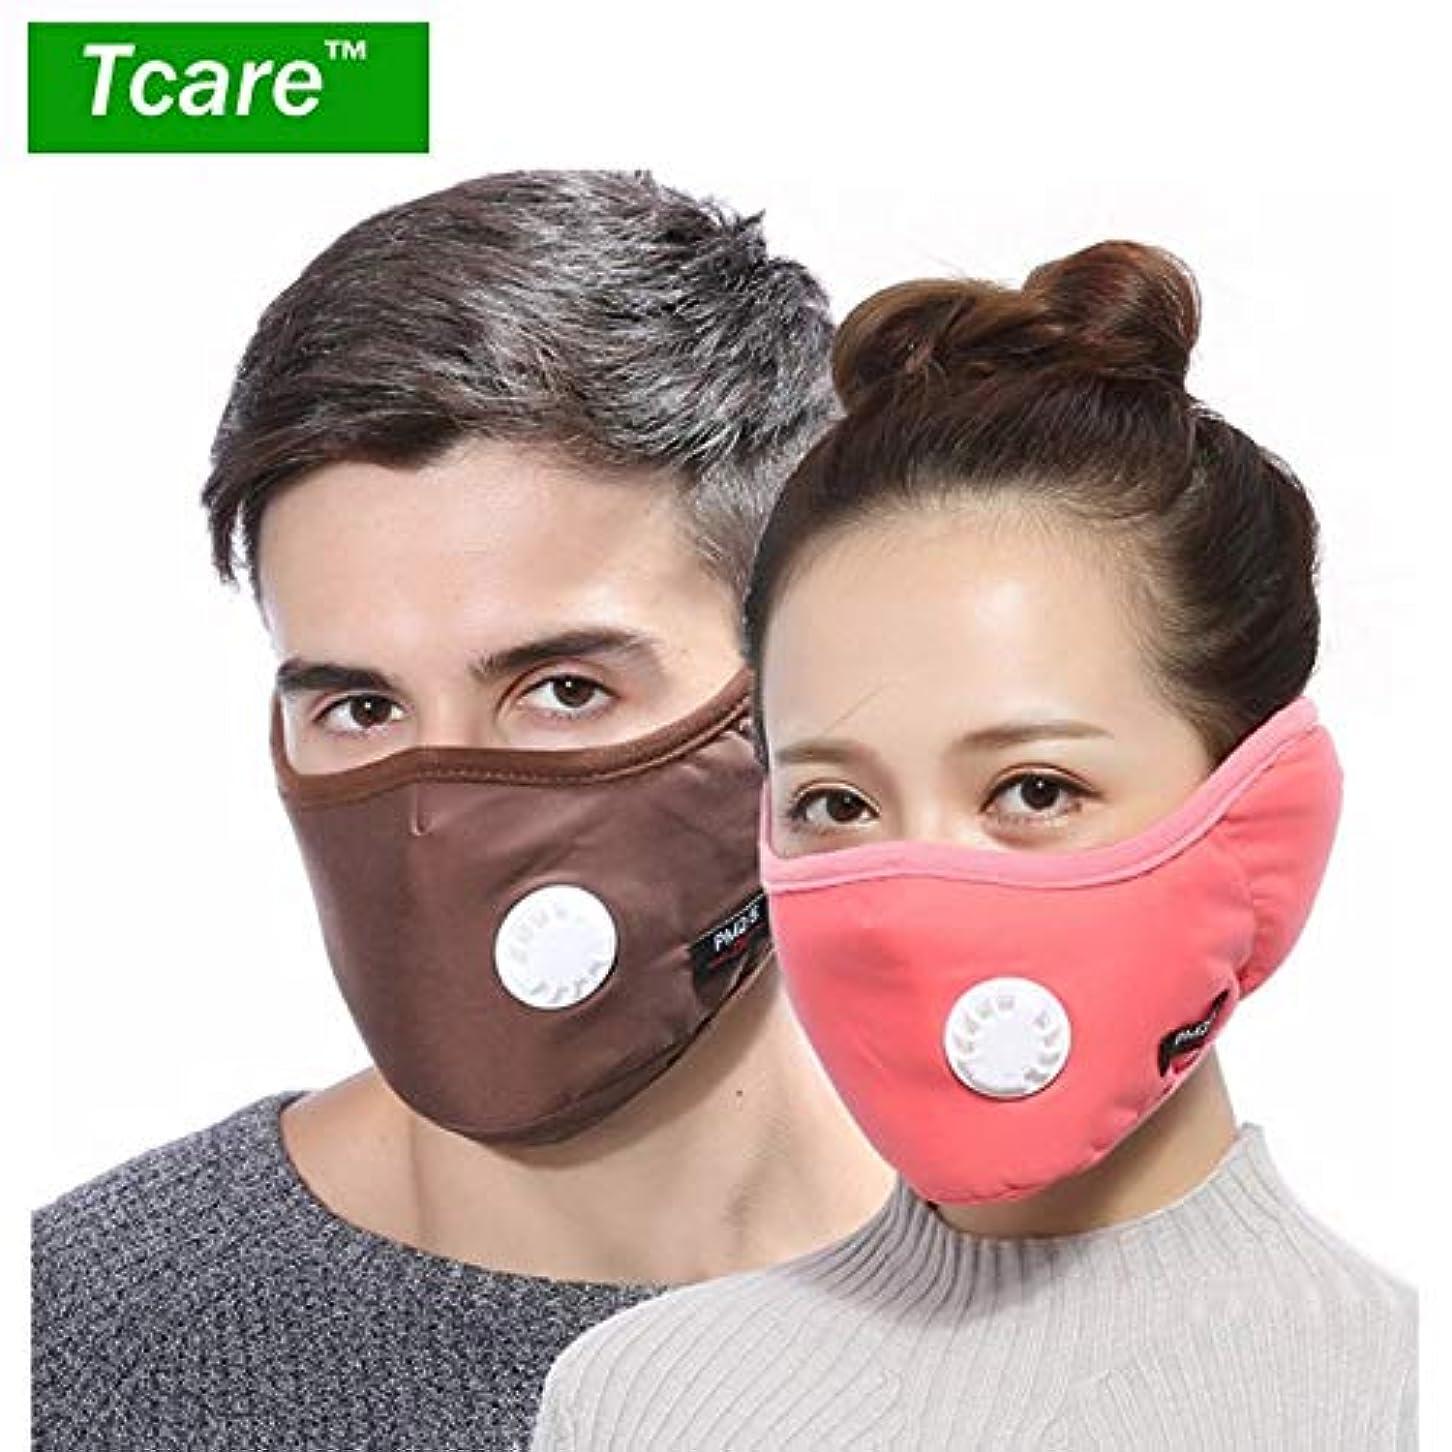 努力する代わりにを立てるクリーナー3ダーク:1 PM2.5マスクバルブコットンアンチダスト口マスクの冬のイヤーマフActtedフィルター付マスクでTcare 2